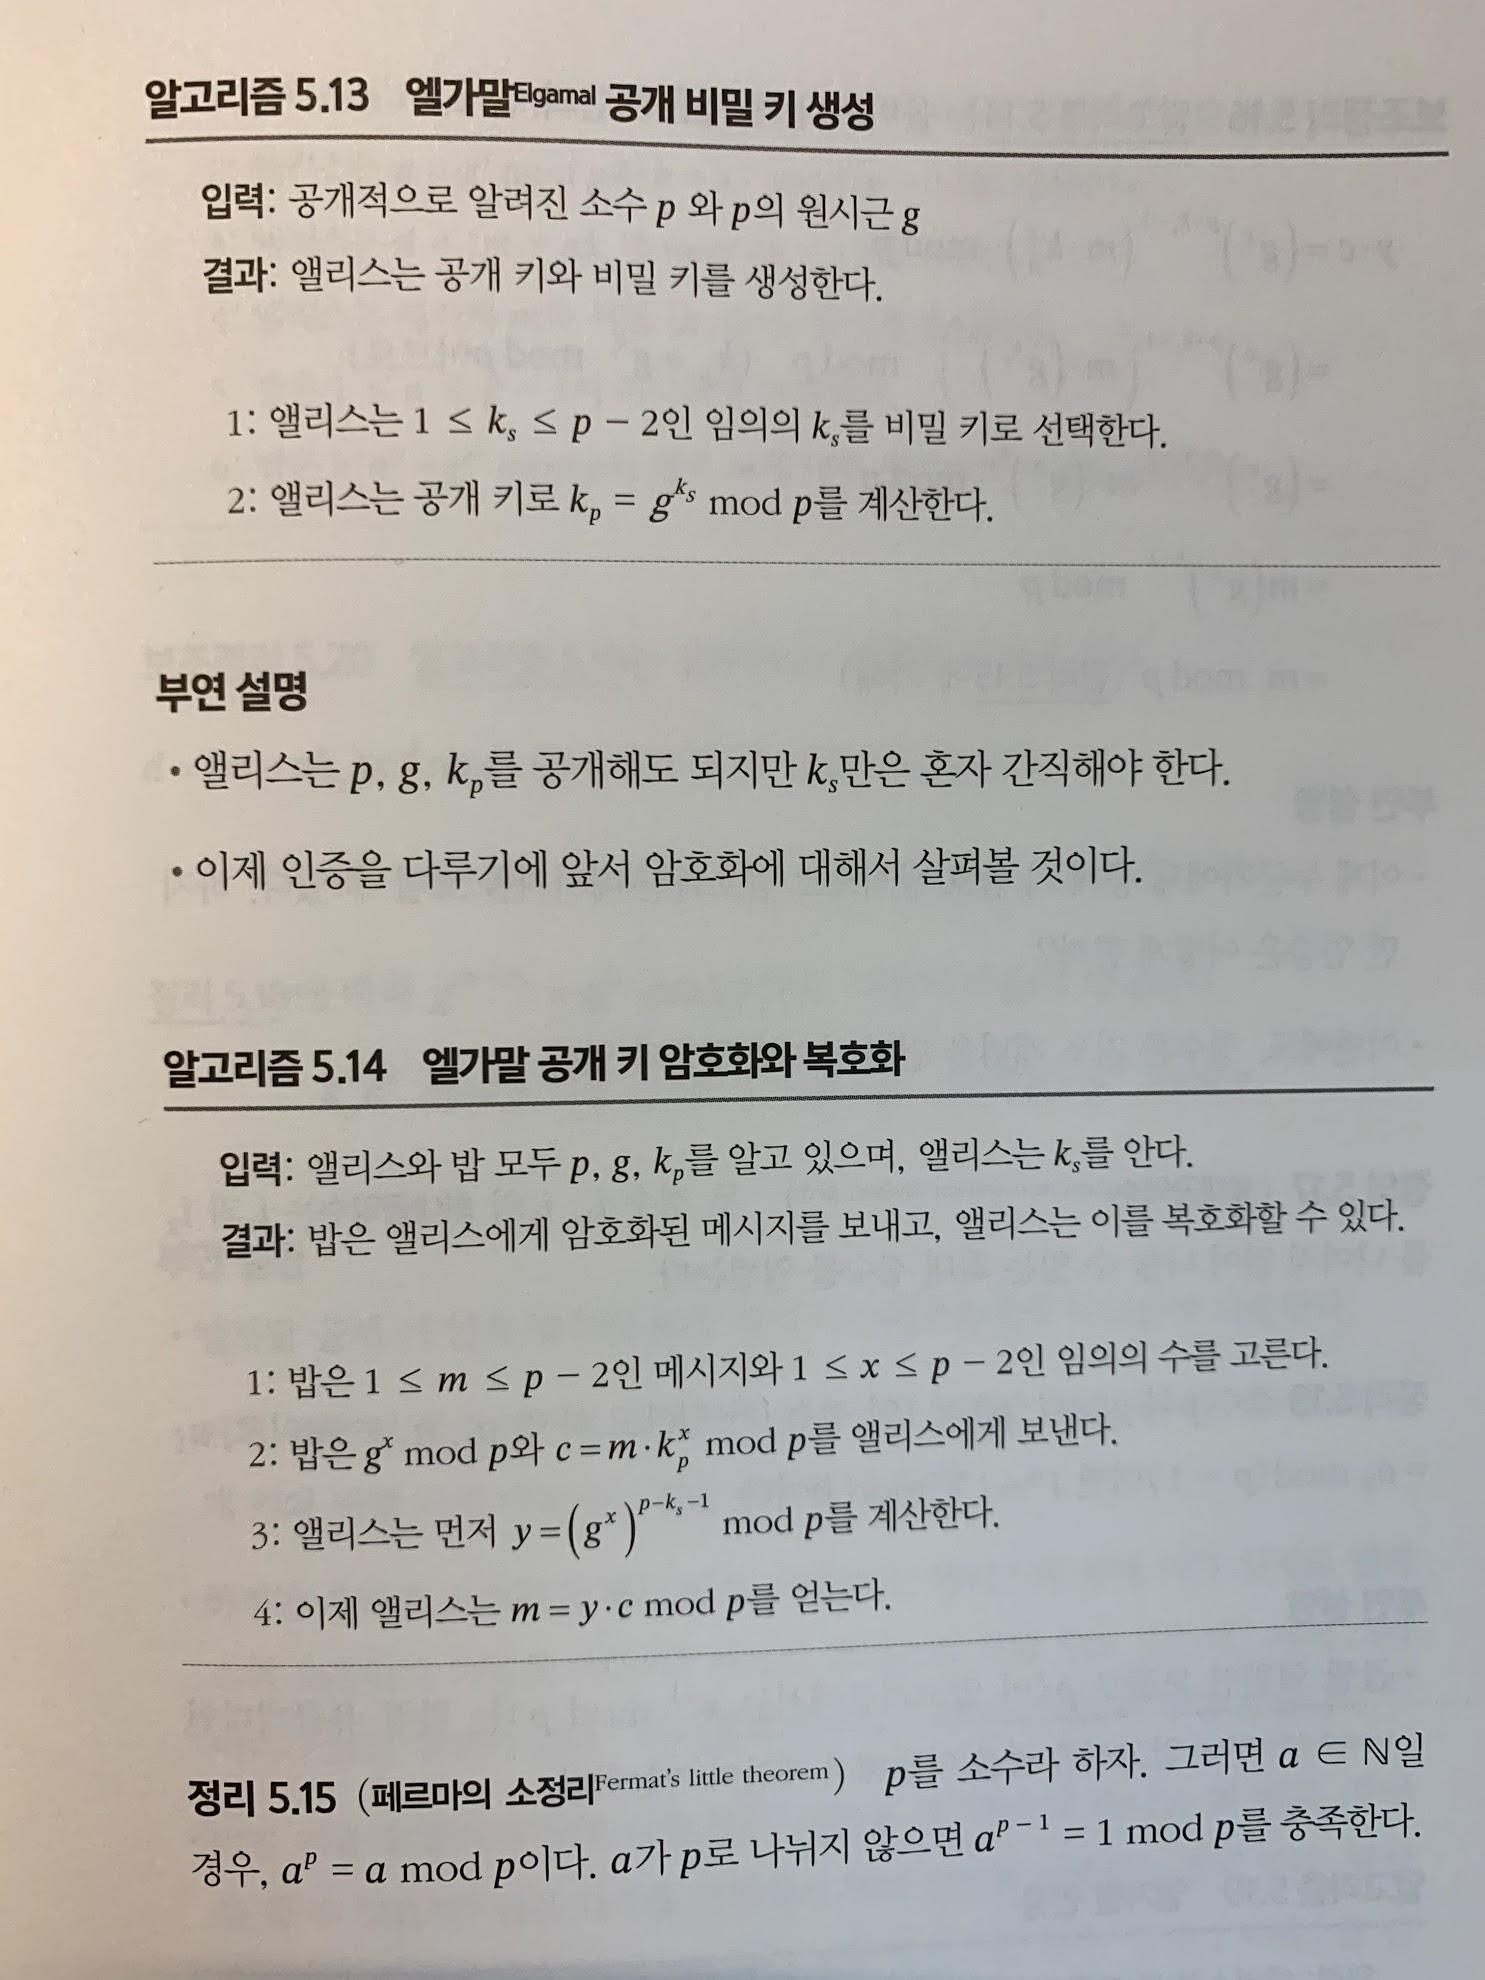 이 책의 본 모습